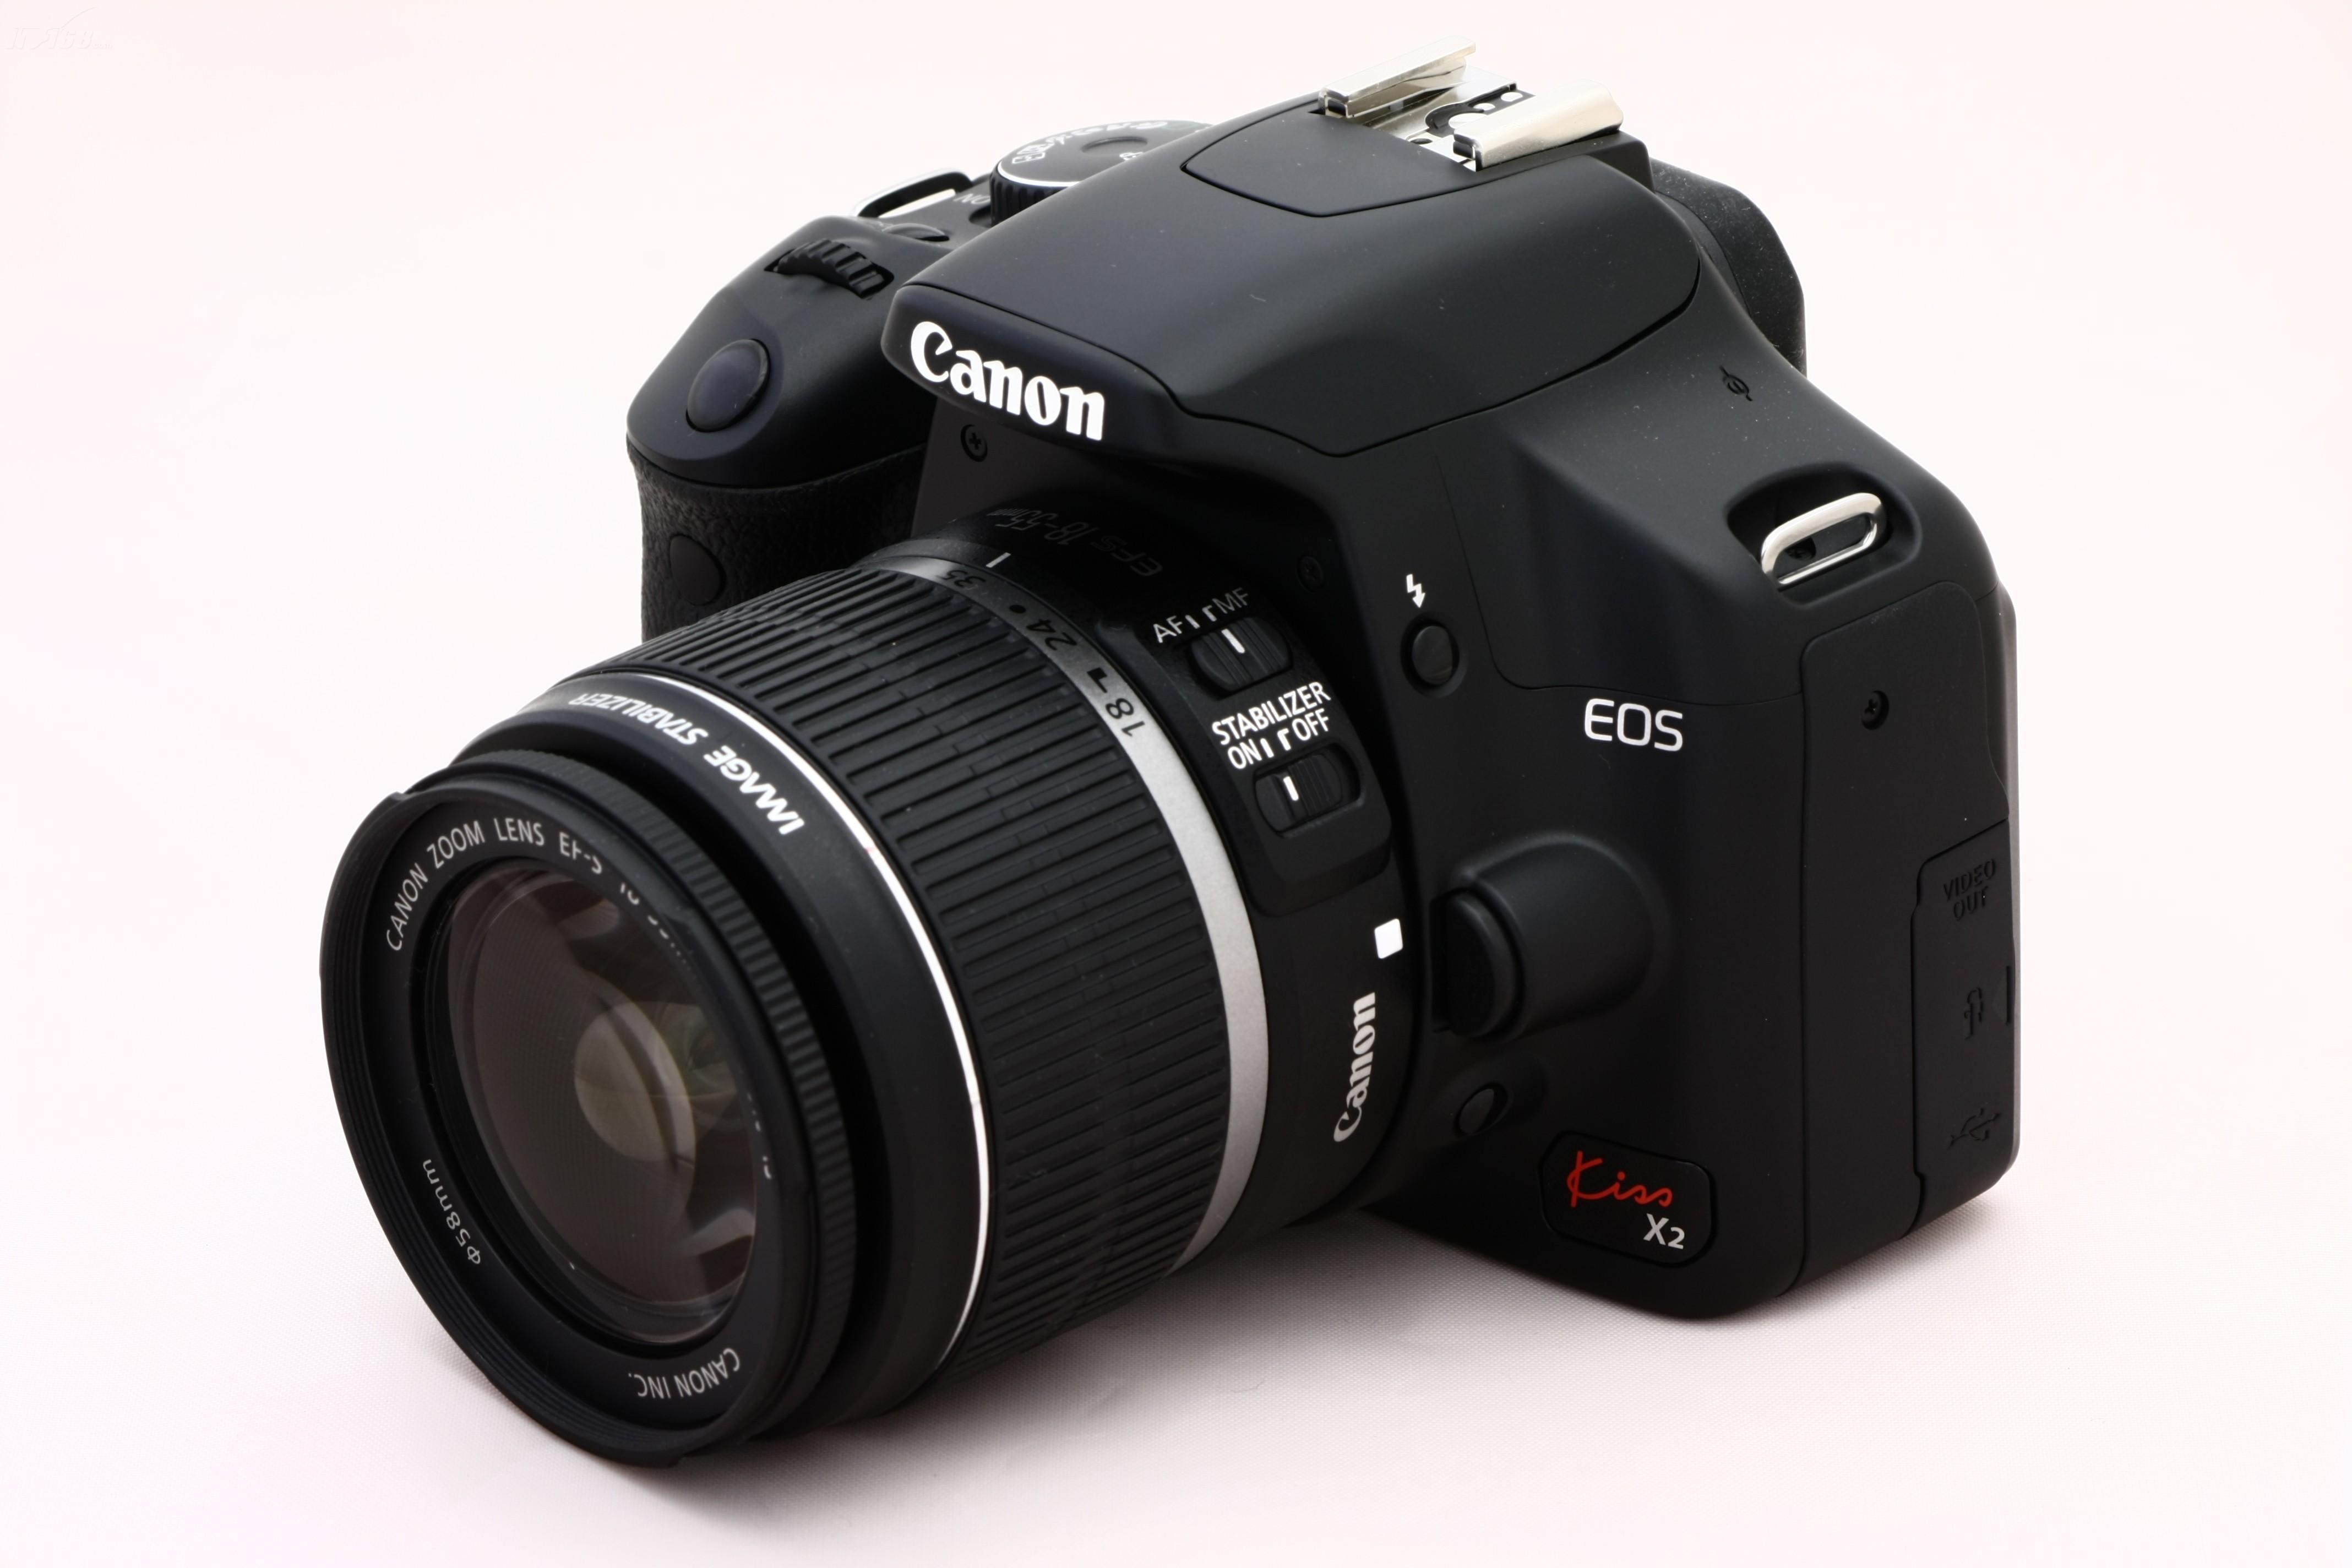 佳能eos 450d数码相机产品图片83素材-it168数码相机